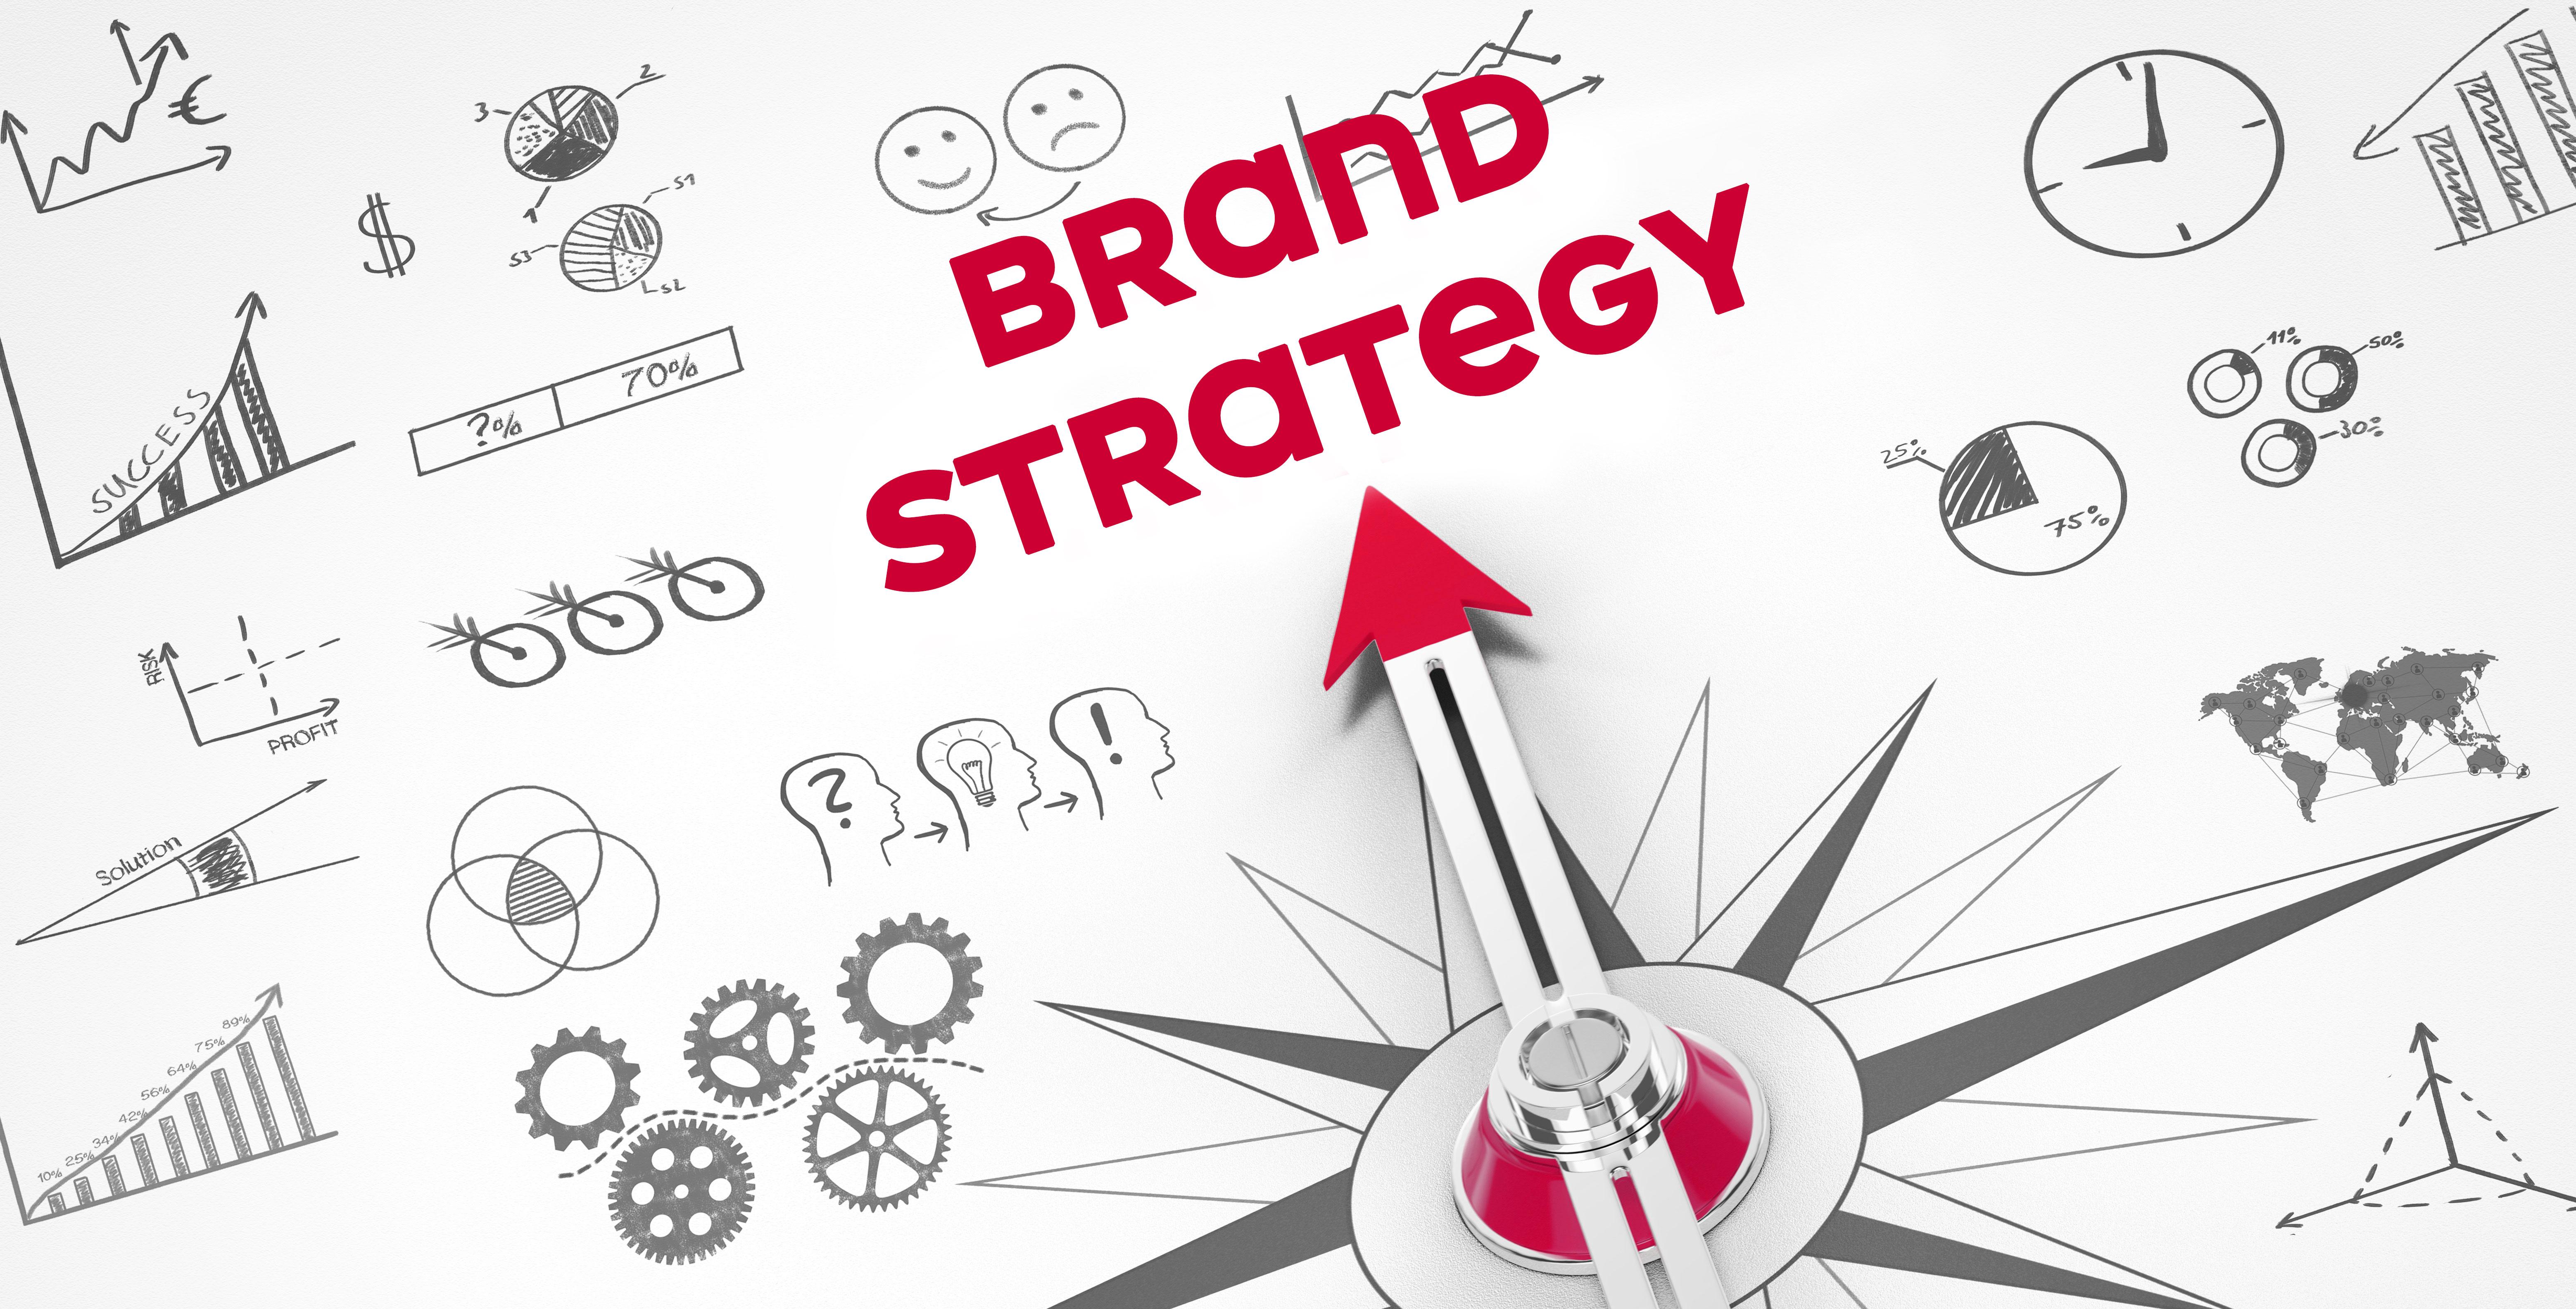 Markenstrategien einfach erklärt - ein Leitfaden